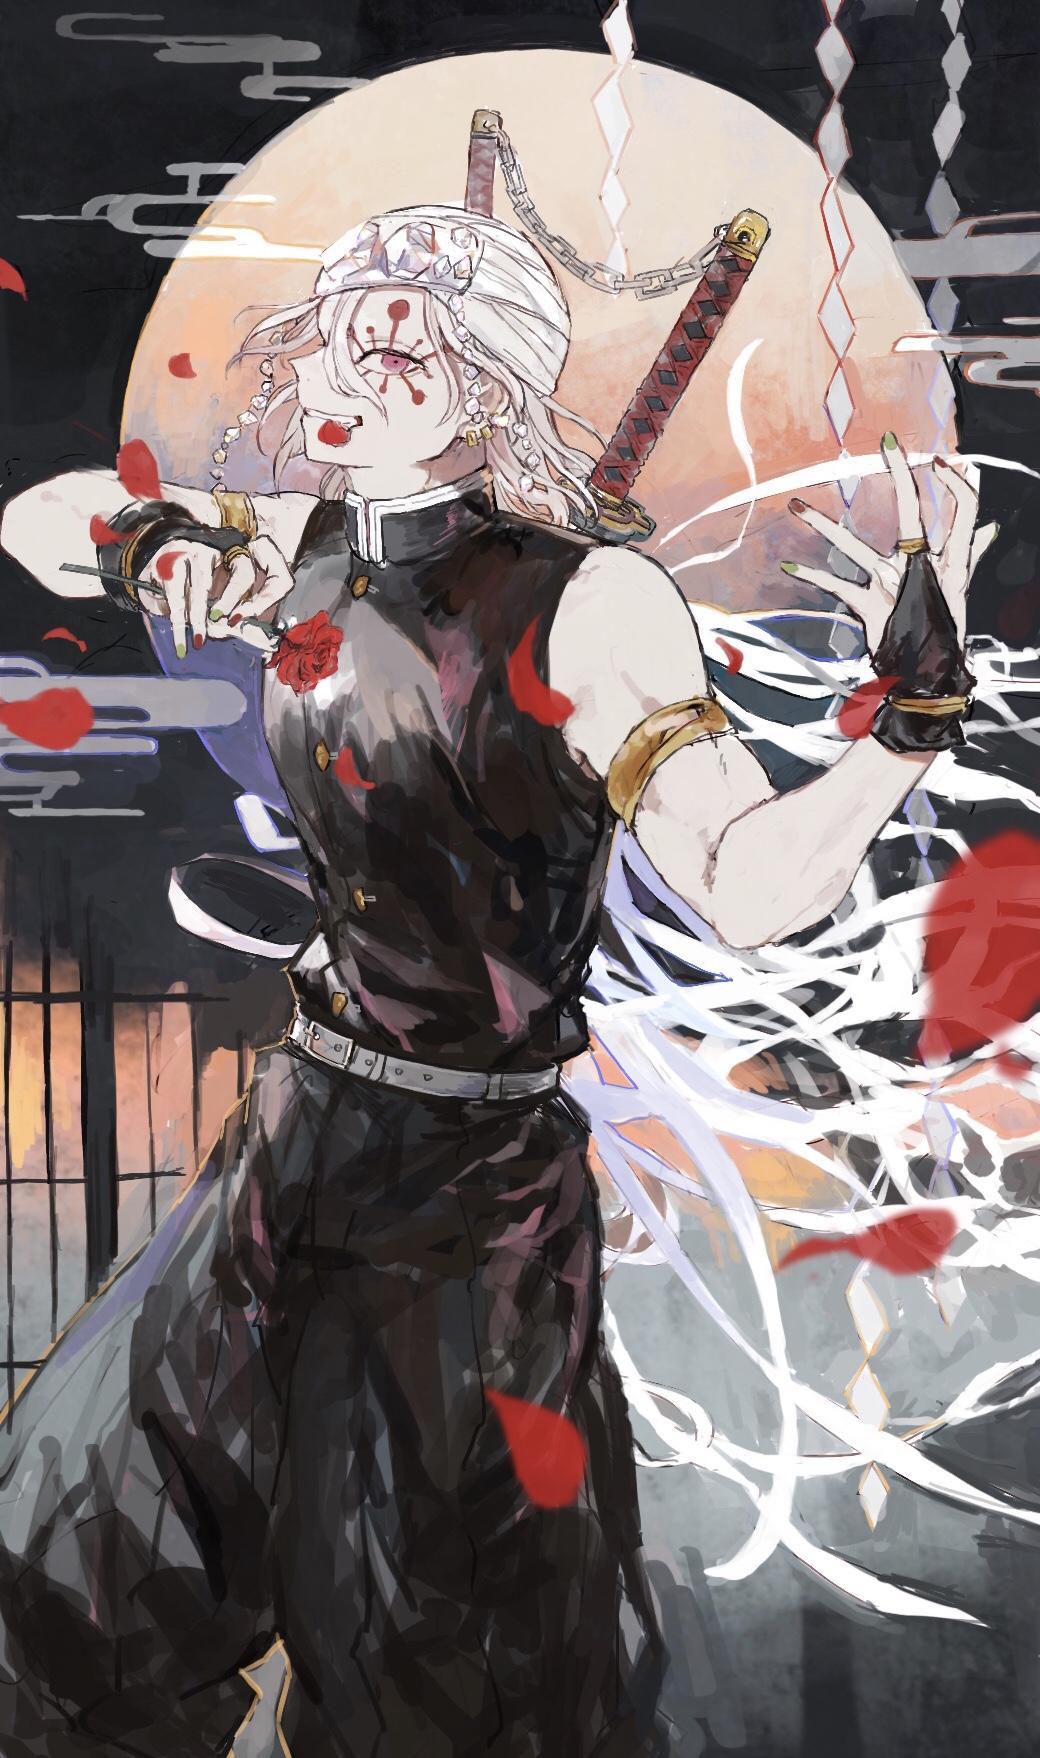 Tengen Uzui Kimetsu No Yaiba Wallpapers Wallpaper Cave Every uzui tengen's line || demon slayer: tengen uzui kimetsu no yaiba wallpapers